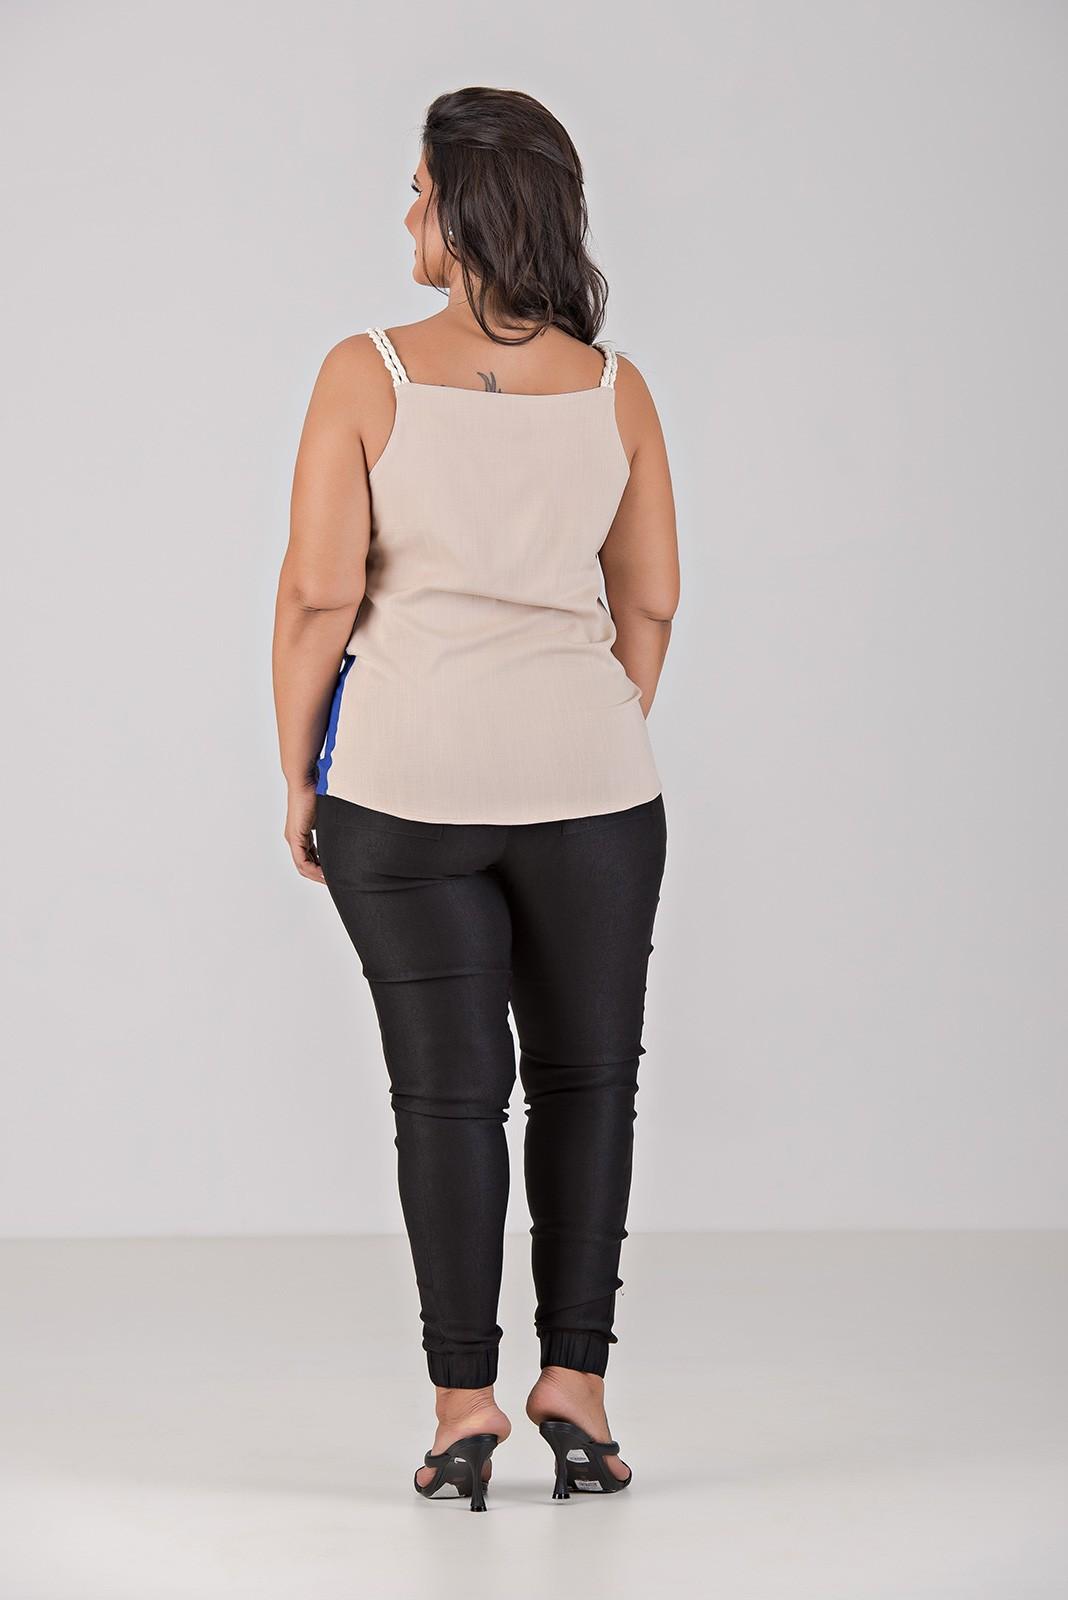 Blusa Regata de alça em Cordão e Decote V - Plus Size